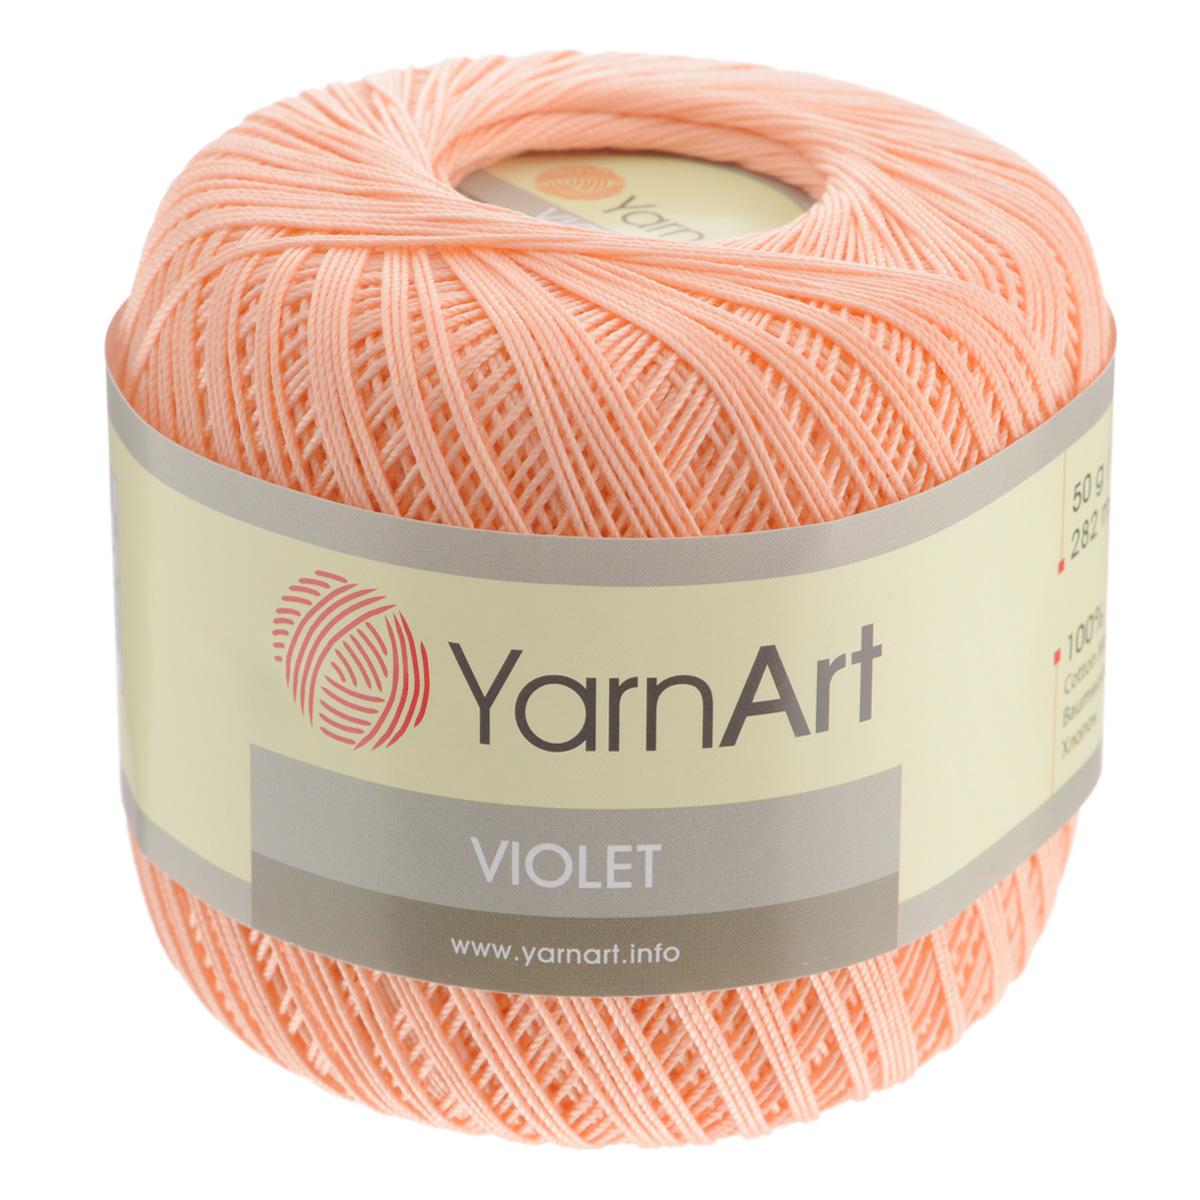 Пряжа для вязания YarnArt Violet, цвет: коралловый (6322), 282 м, 50 г, 6 шт пряжа для вязания yarnart baby color цвет белый черный 273 150 м 50 г 5 шт